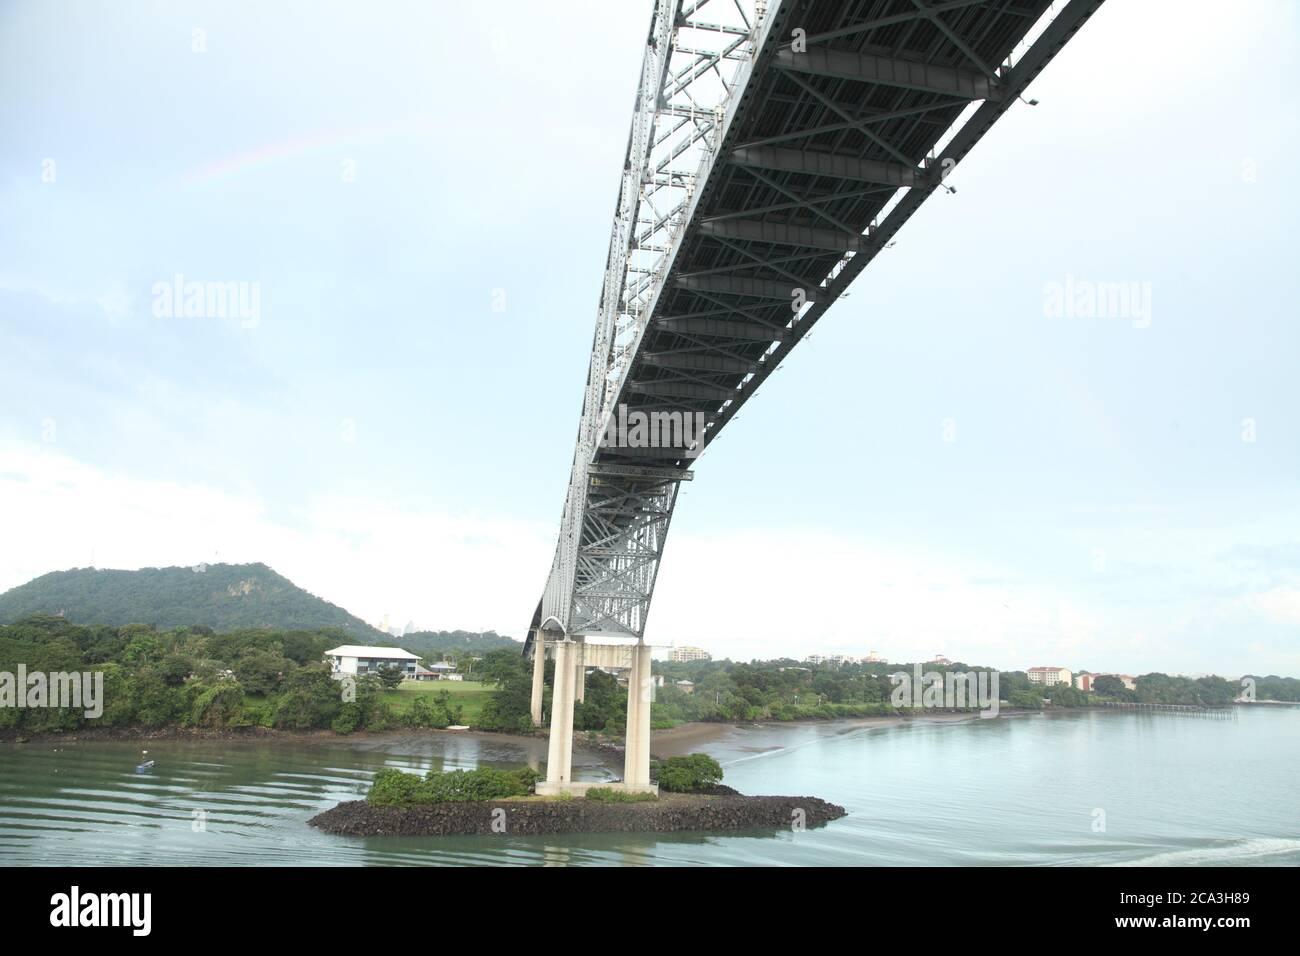 Puente de las Américas, Pont des Amériques, pont voûté sur le canal de Panama, Panama City, Panama, Amérique centrale. Banque D'Images